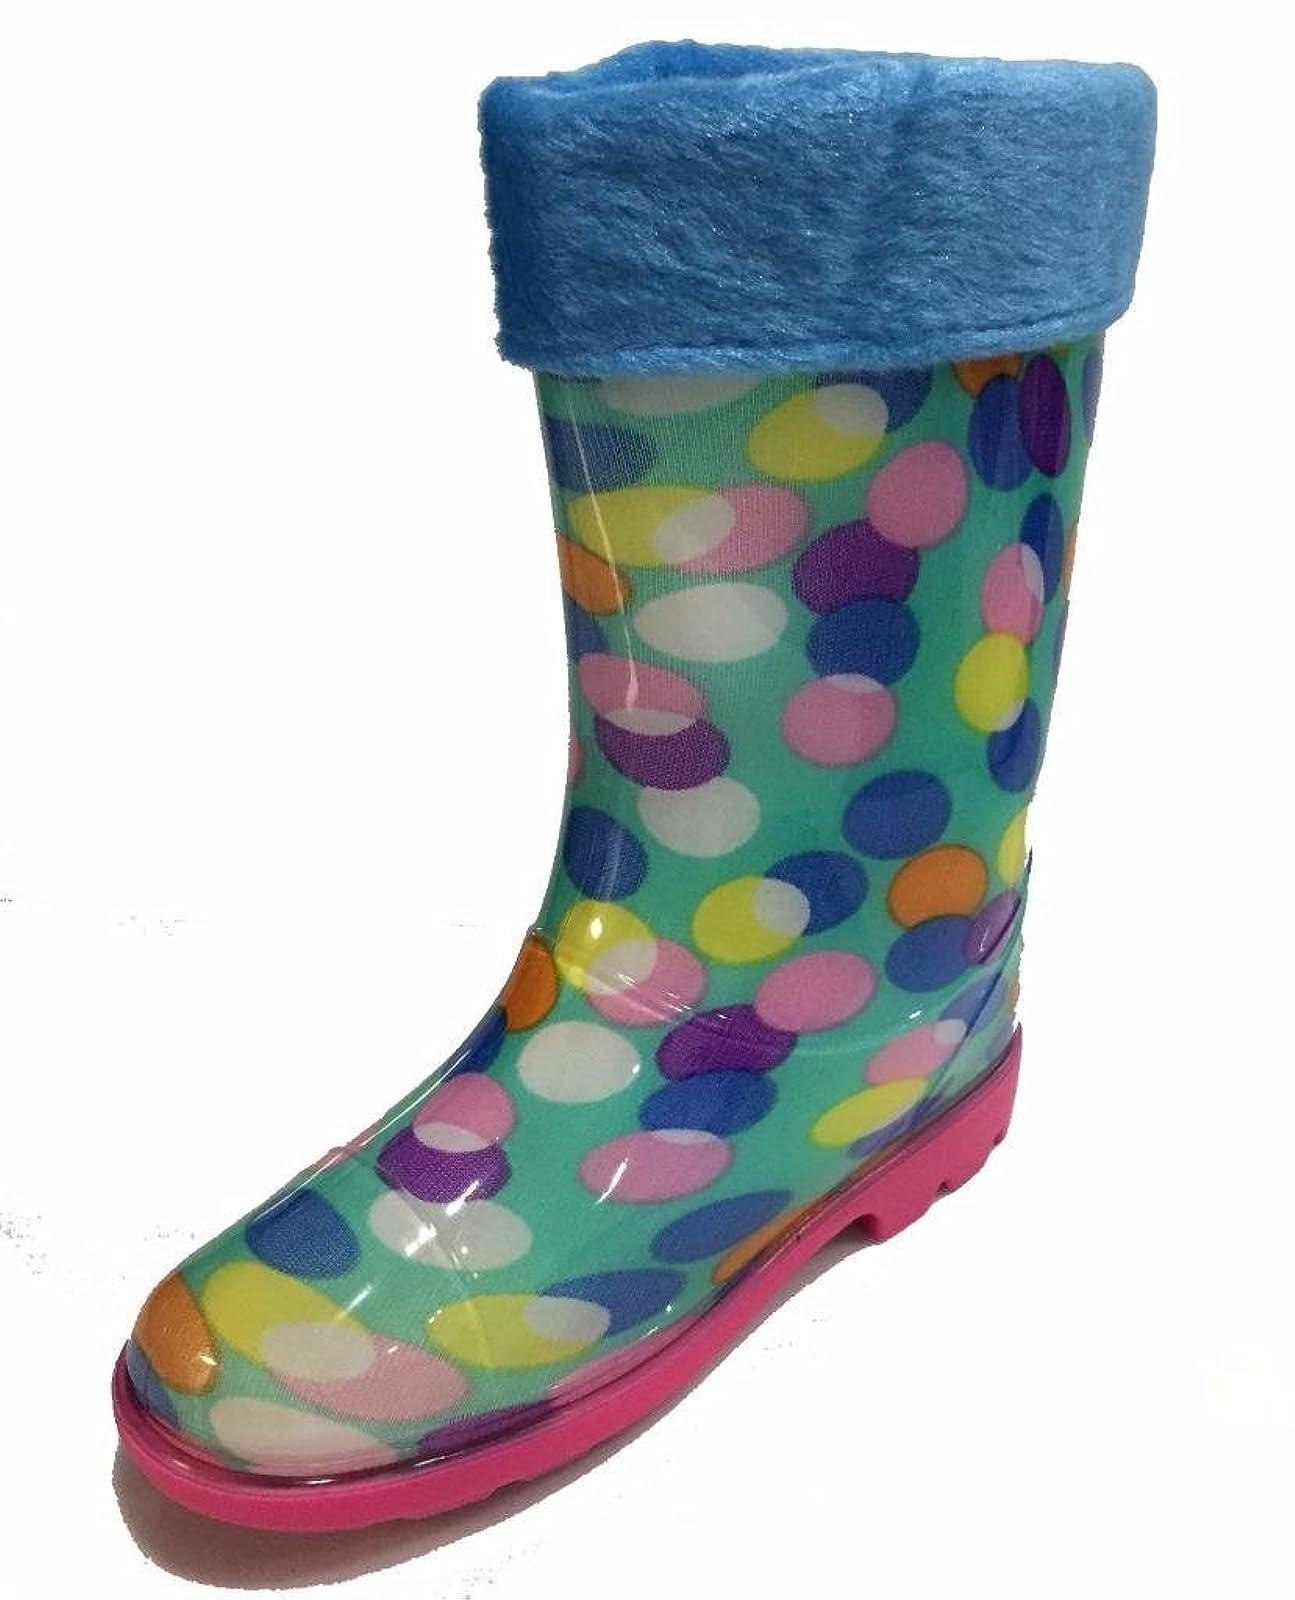 Little Girls Youth Rainbow Polka Dot Rain Rainbow 1 M US Little Kid - 1